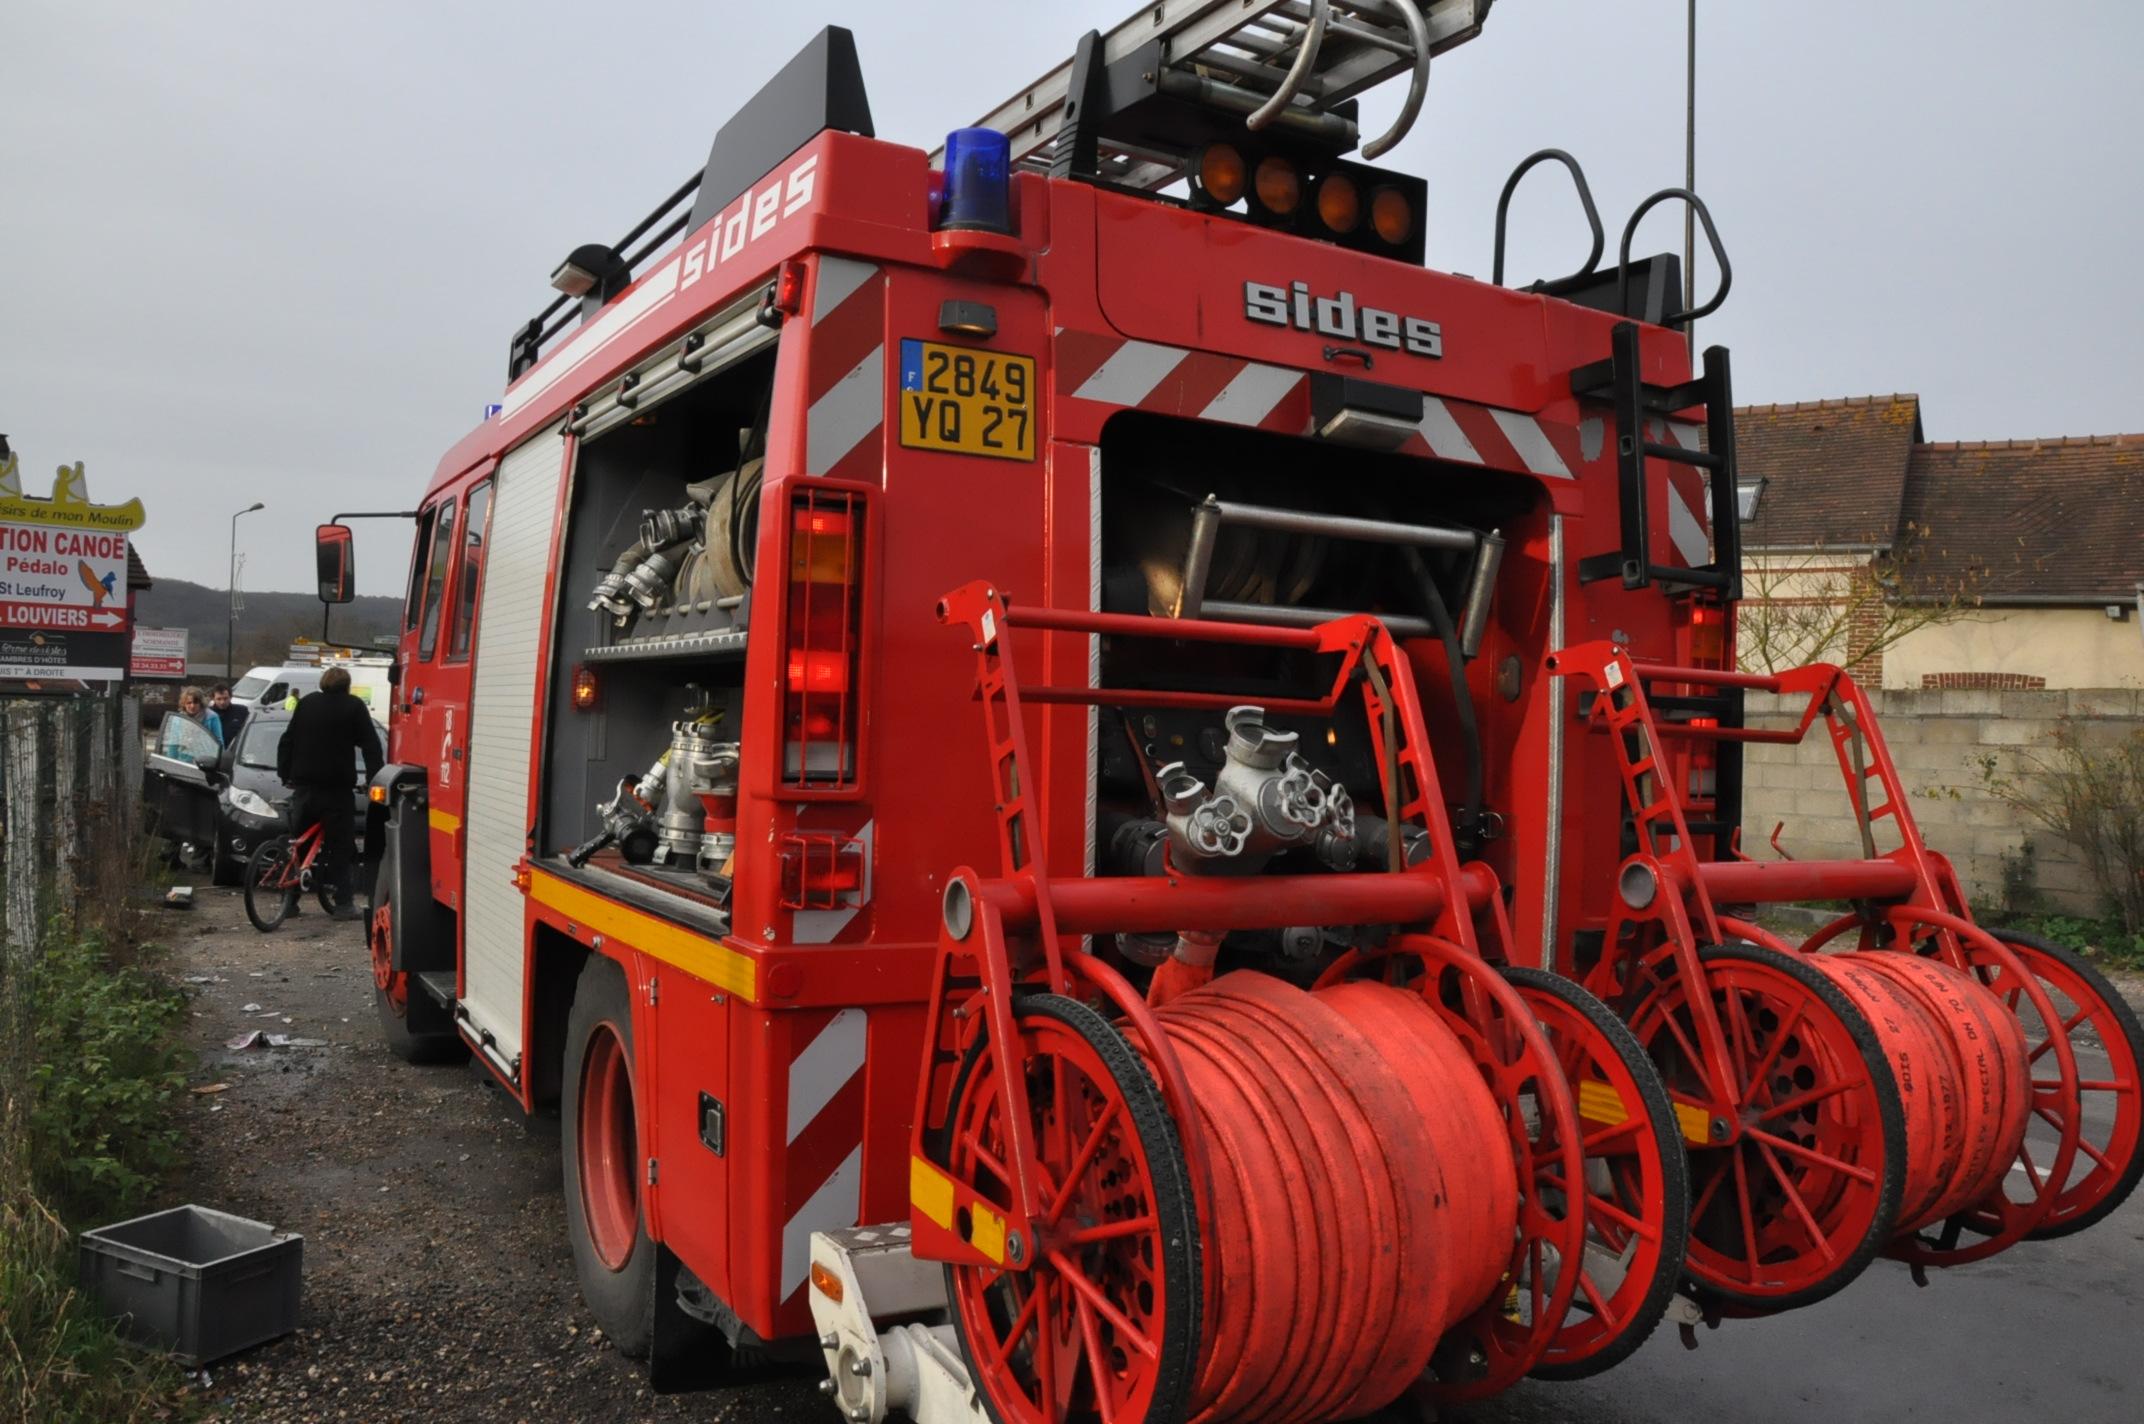 Illustration. Les pompiers ont déployé des moyens pour venir à bout de l'incendie qui menaçait de se propager